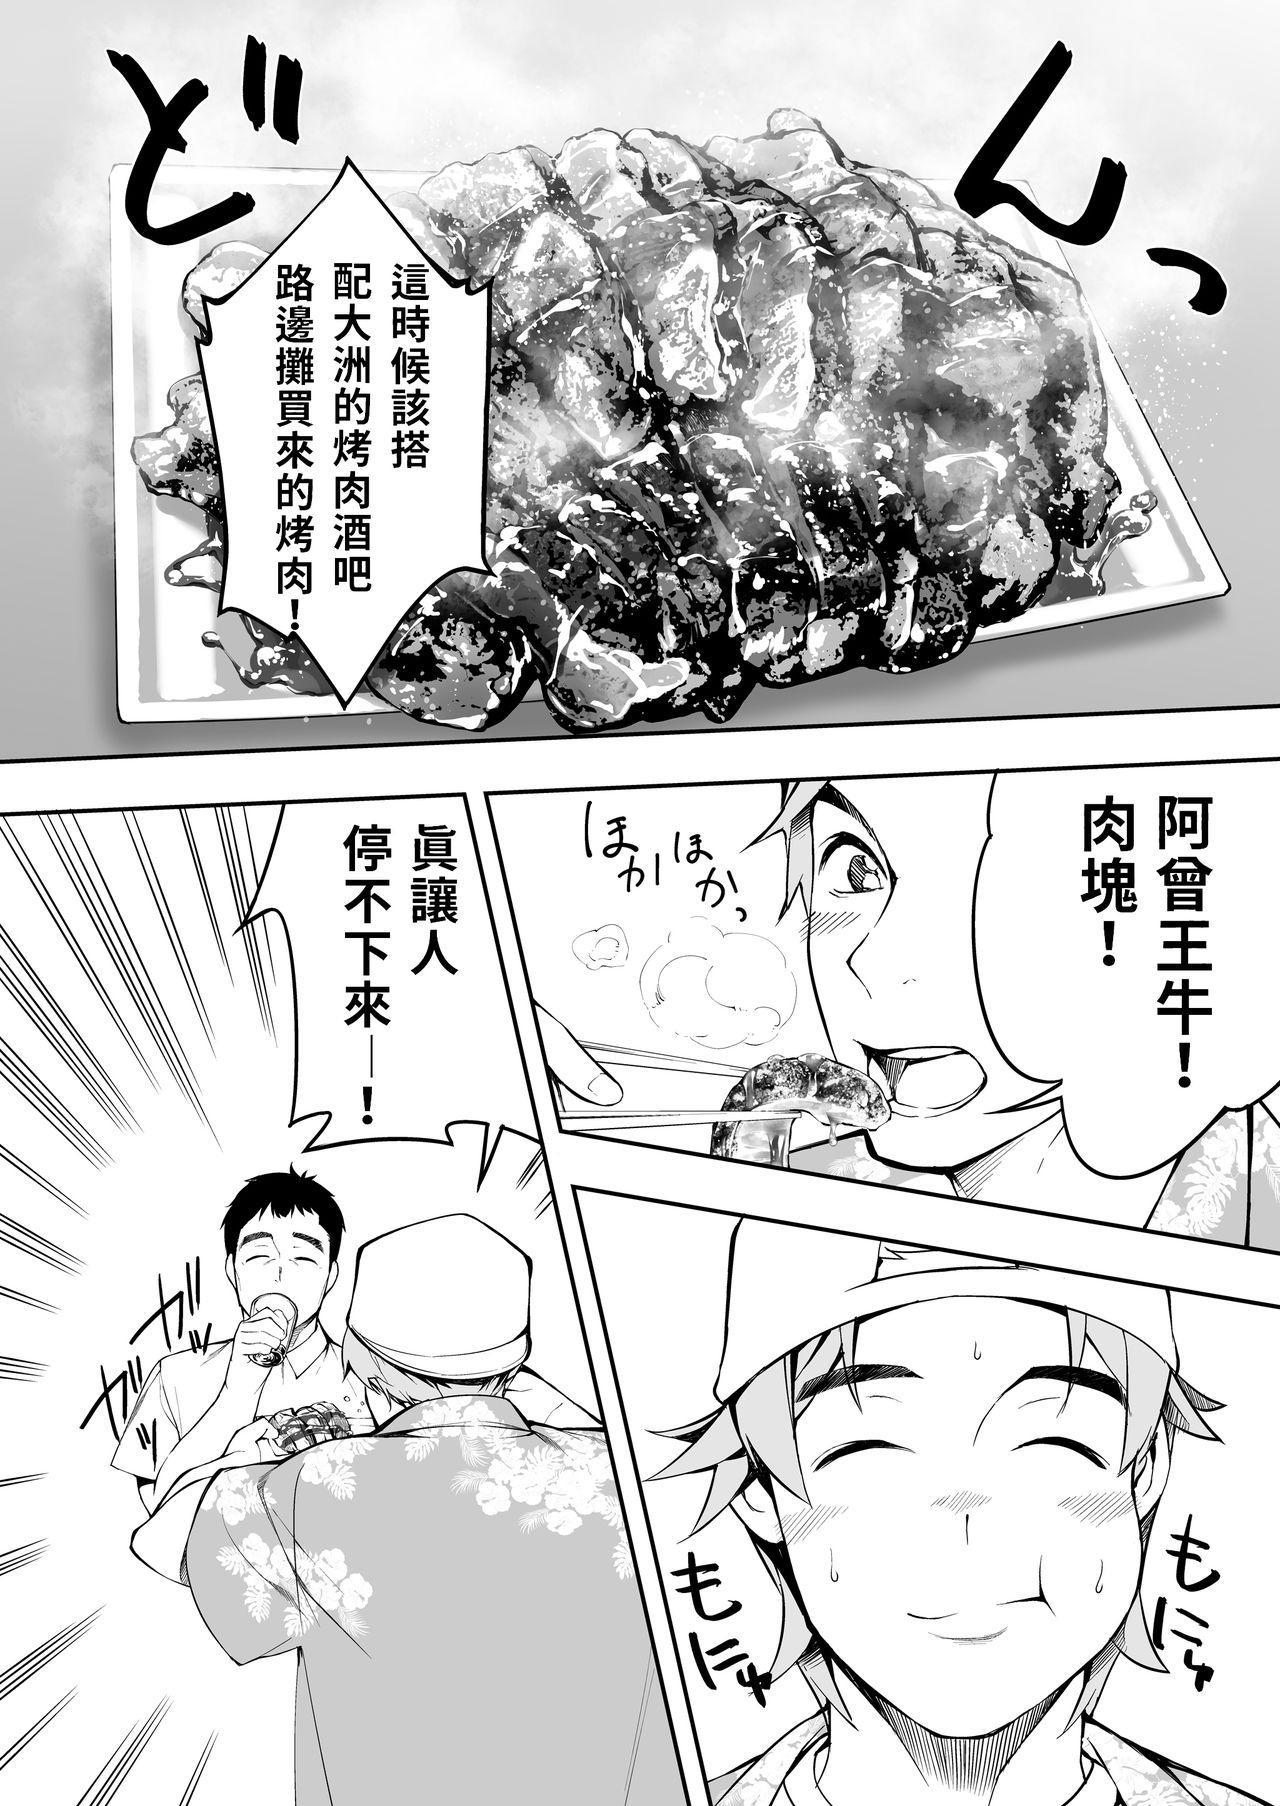 Panpan Travelers Hakata Shuudan Rape Ryokou | 吃飯兼炒飯TRAVELERS~博多集團強●旅行 34